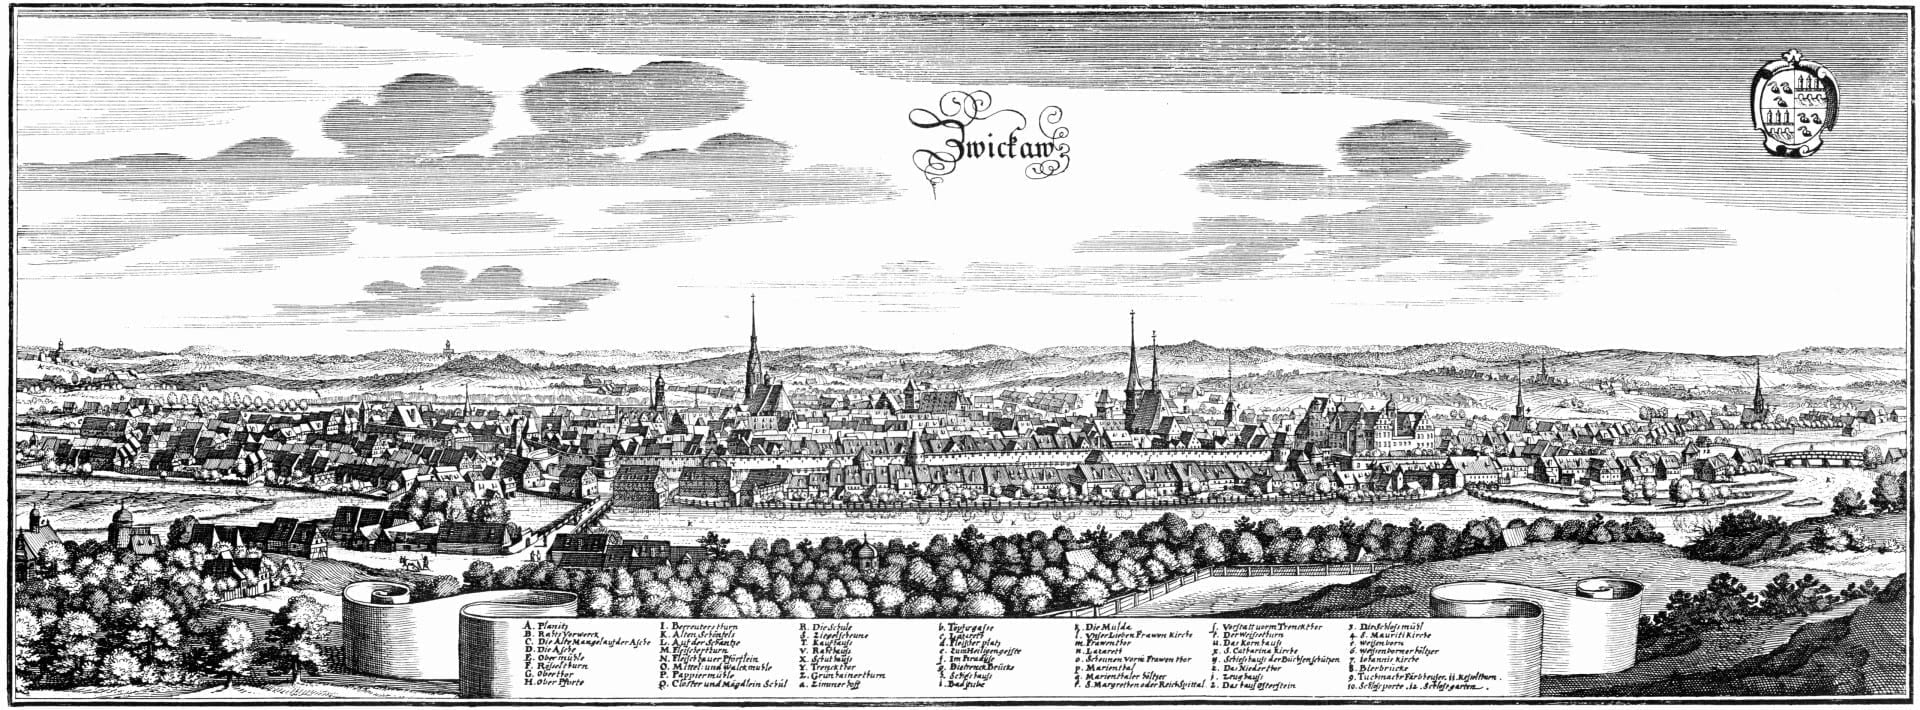 Zwickau en 1650 Zwickau Alemania